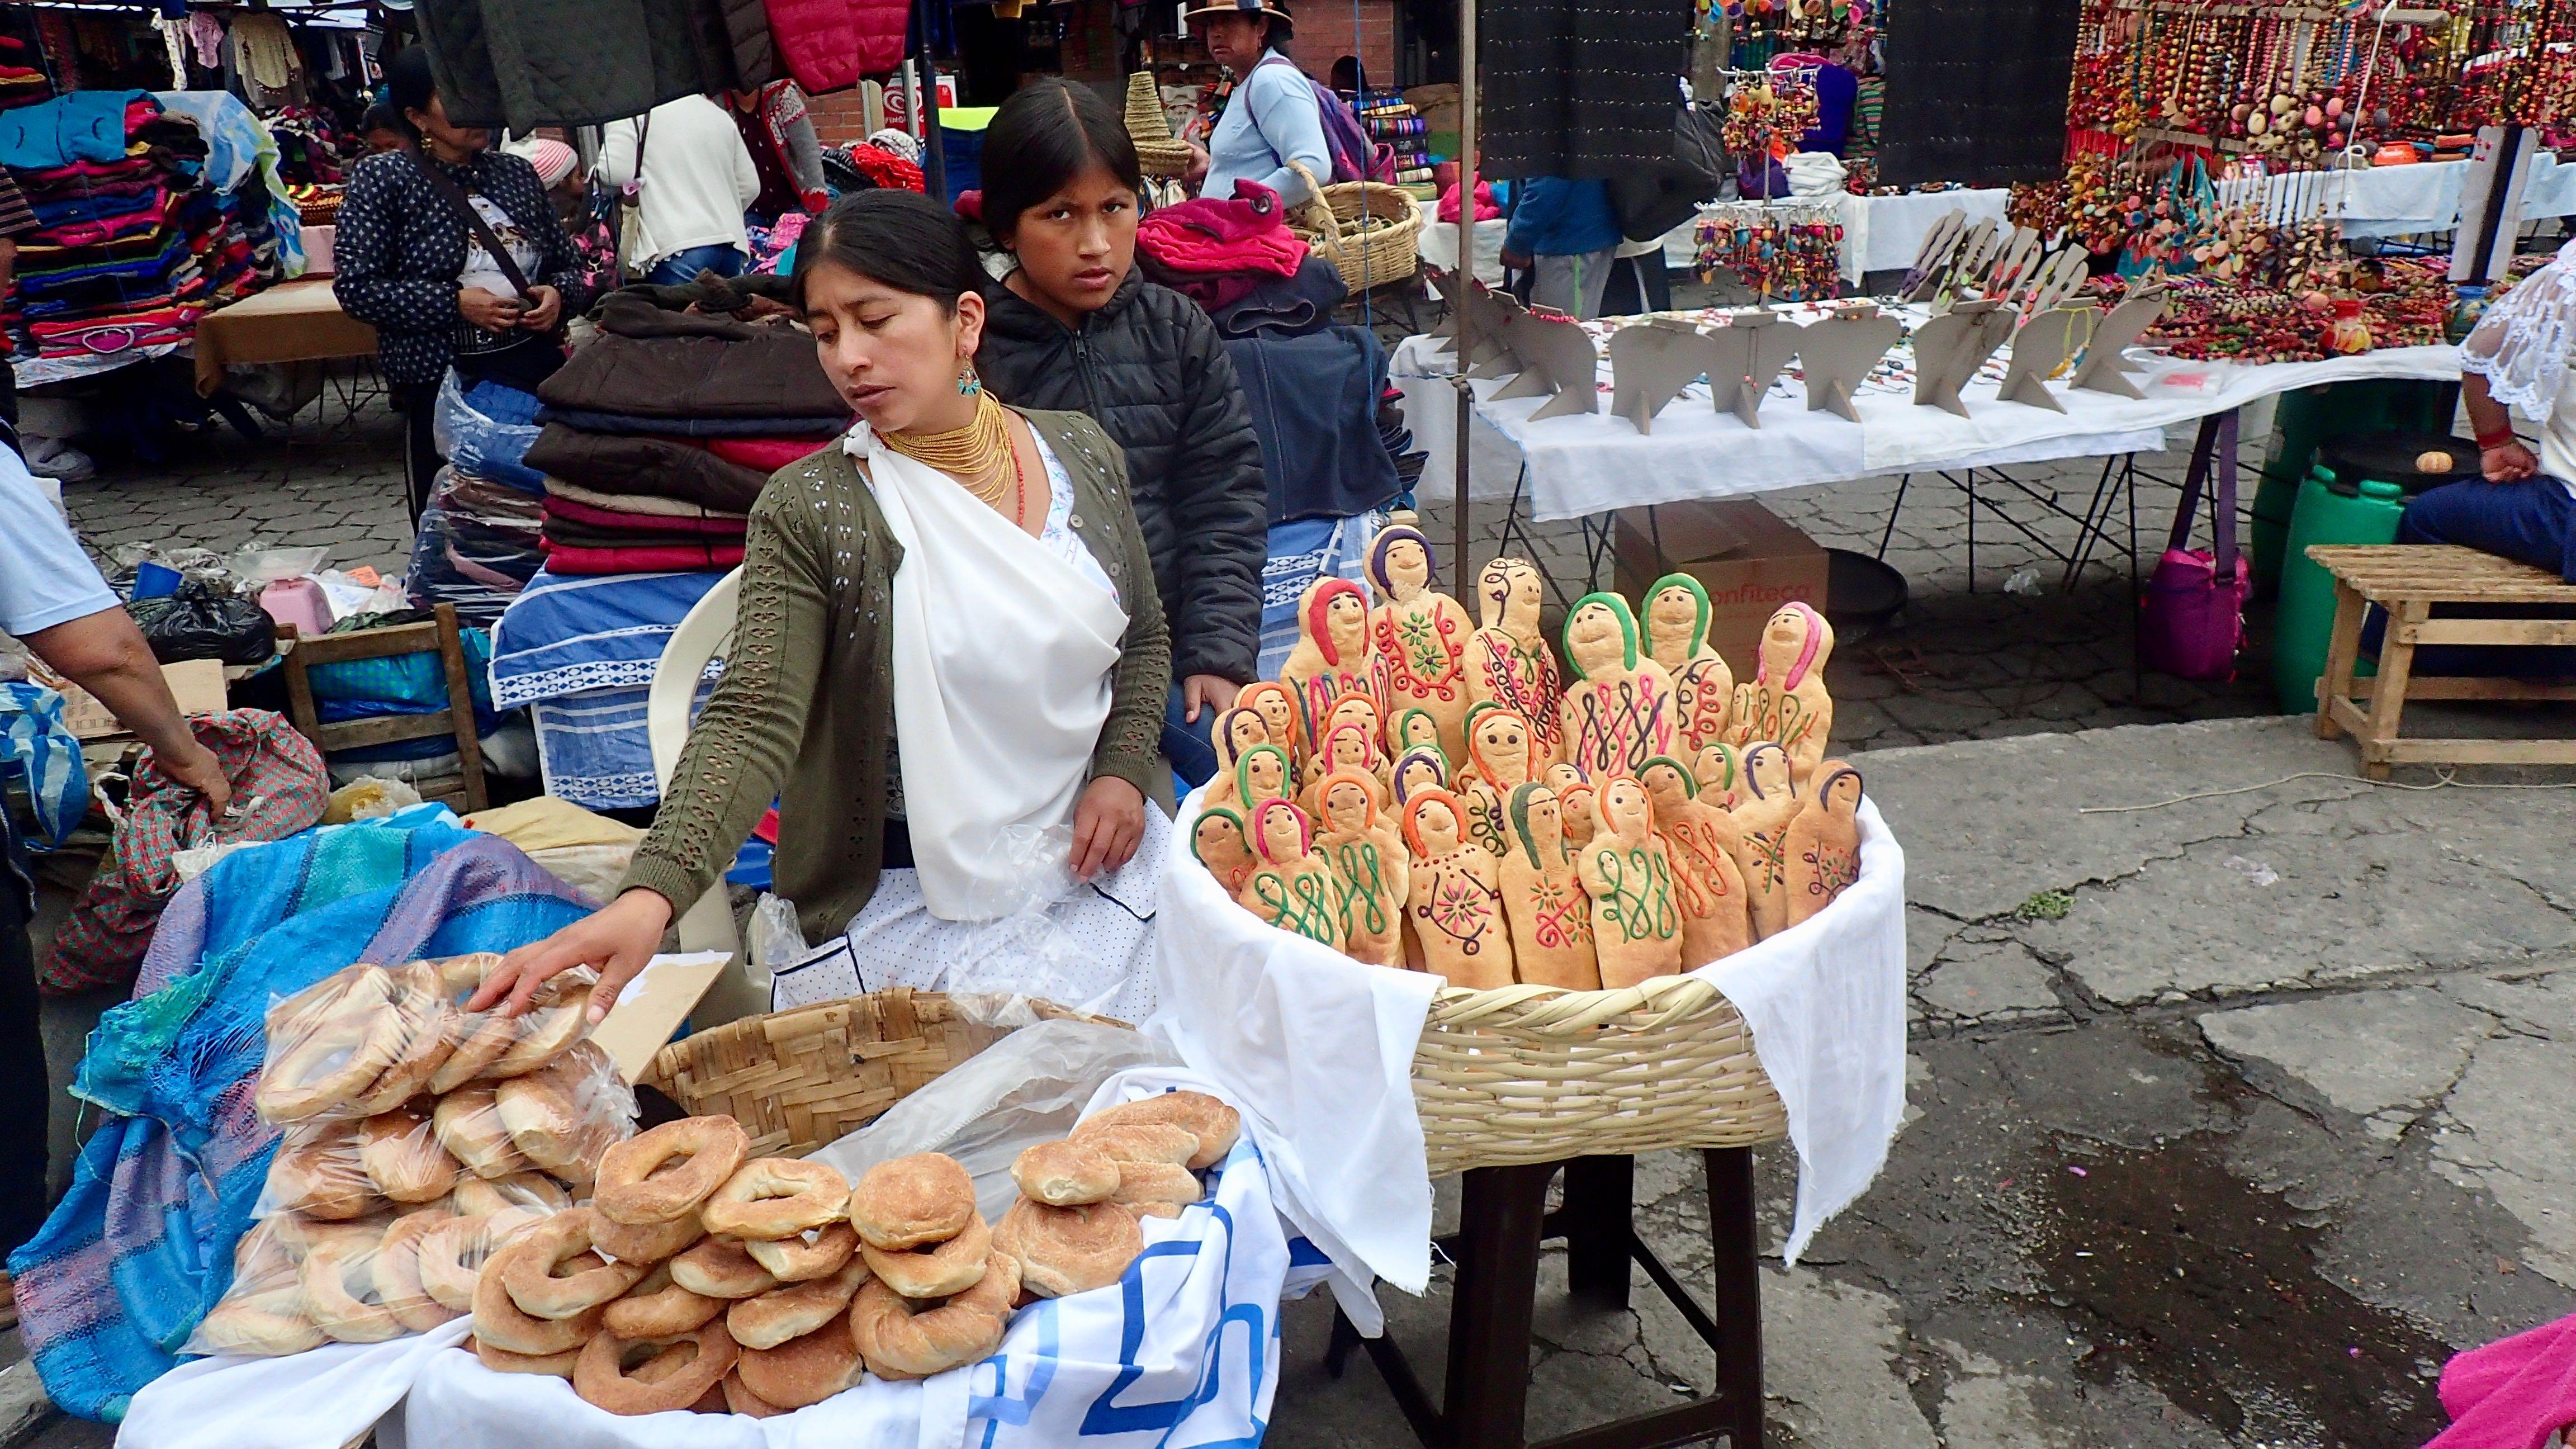 Vente du pain pour le Jour des Défunts. Très fêté